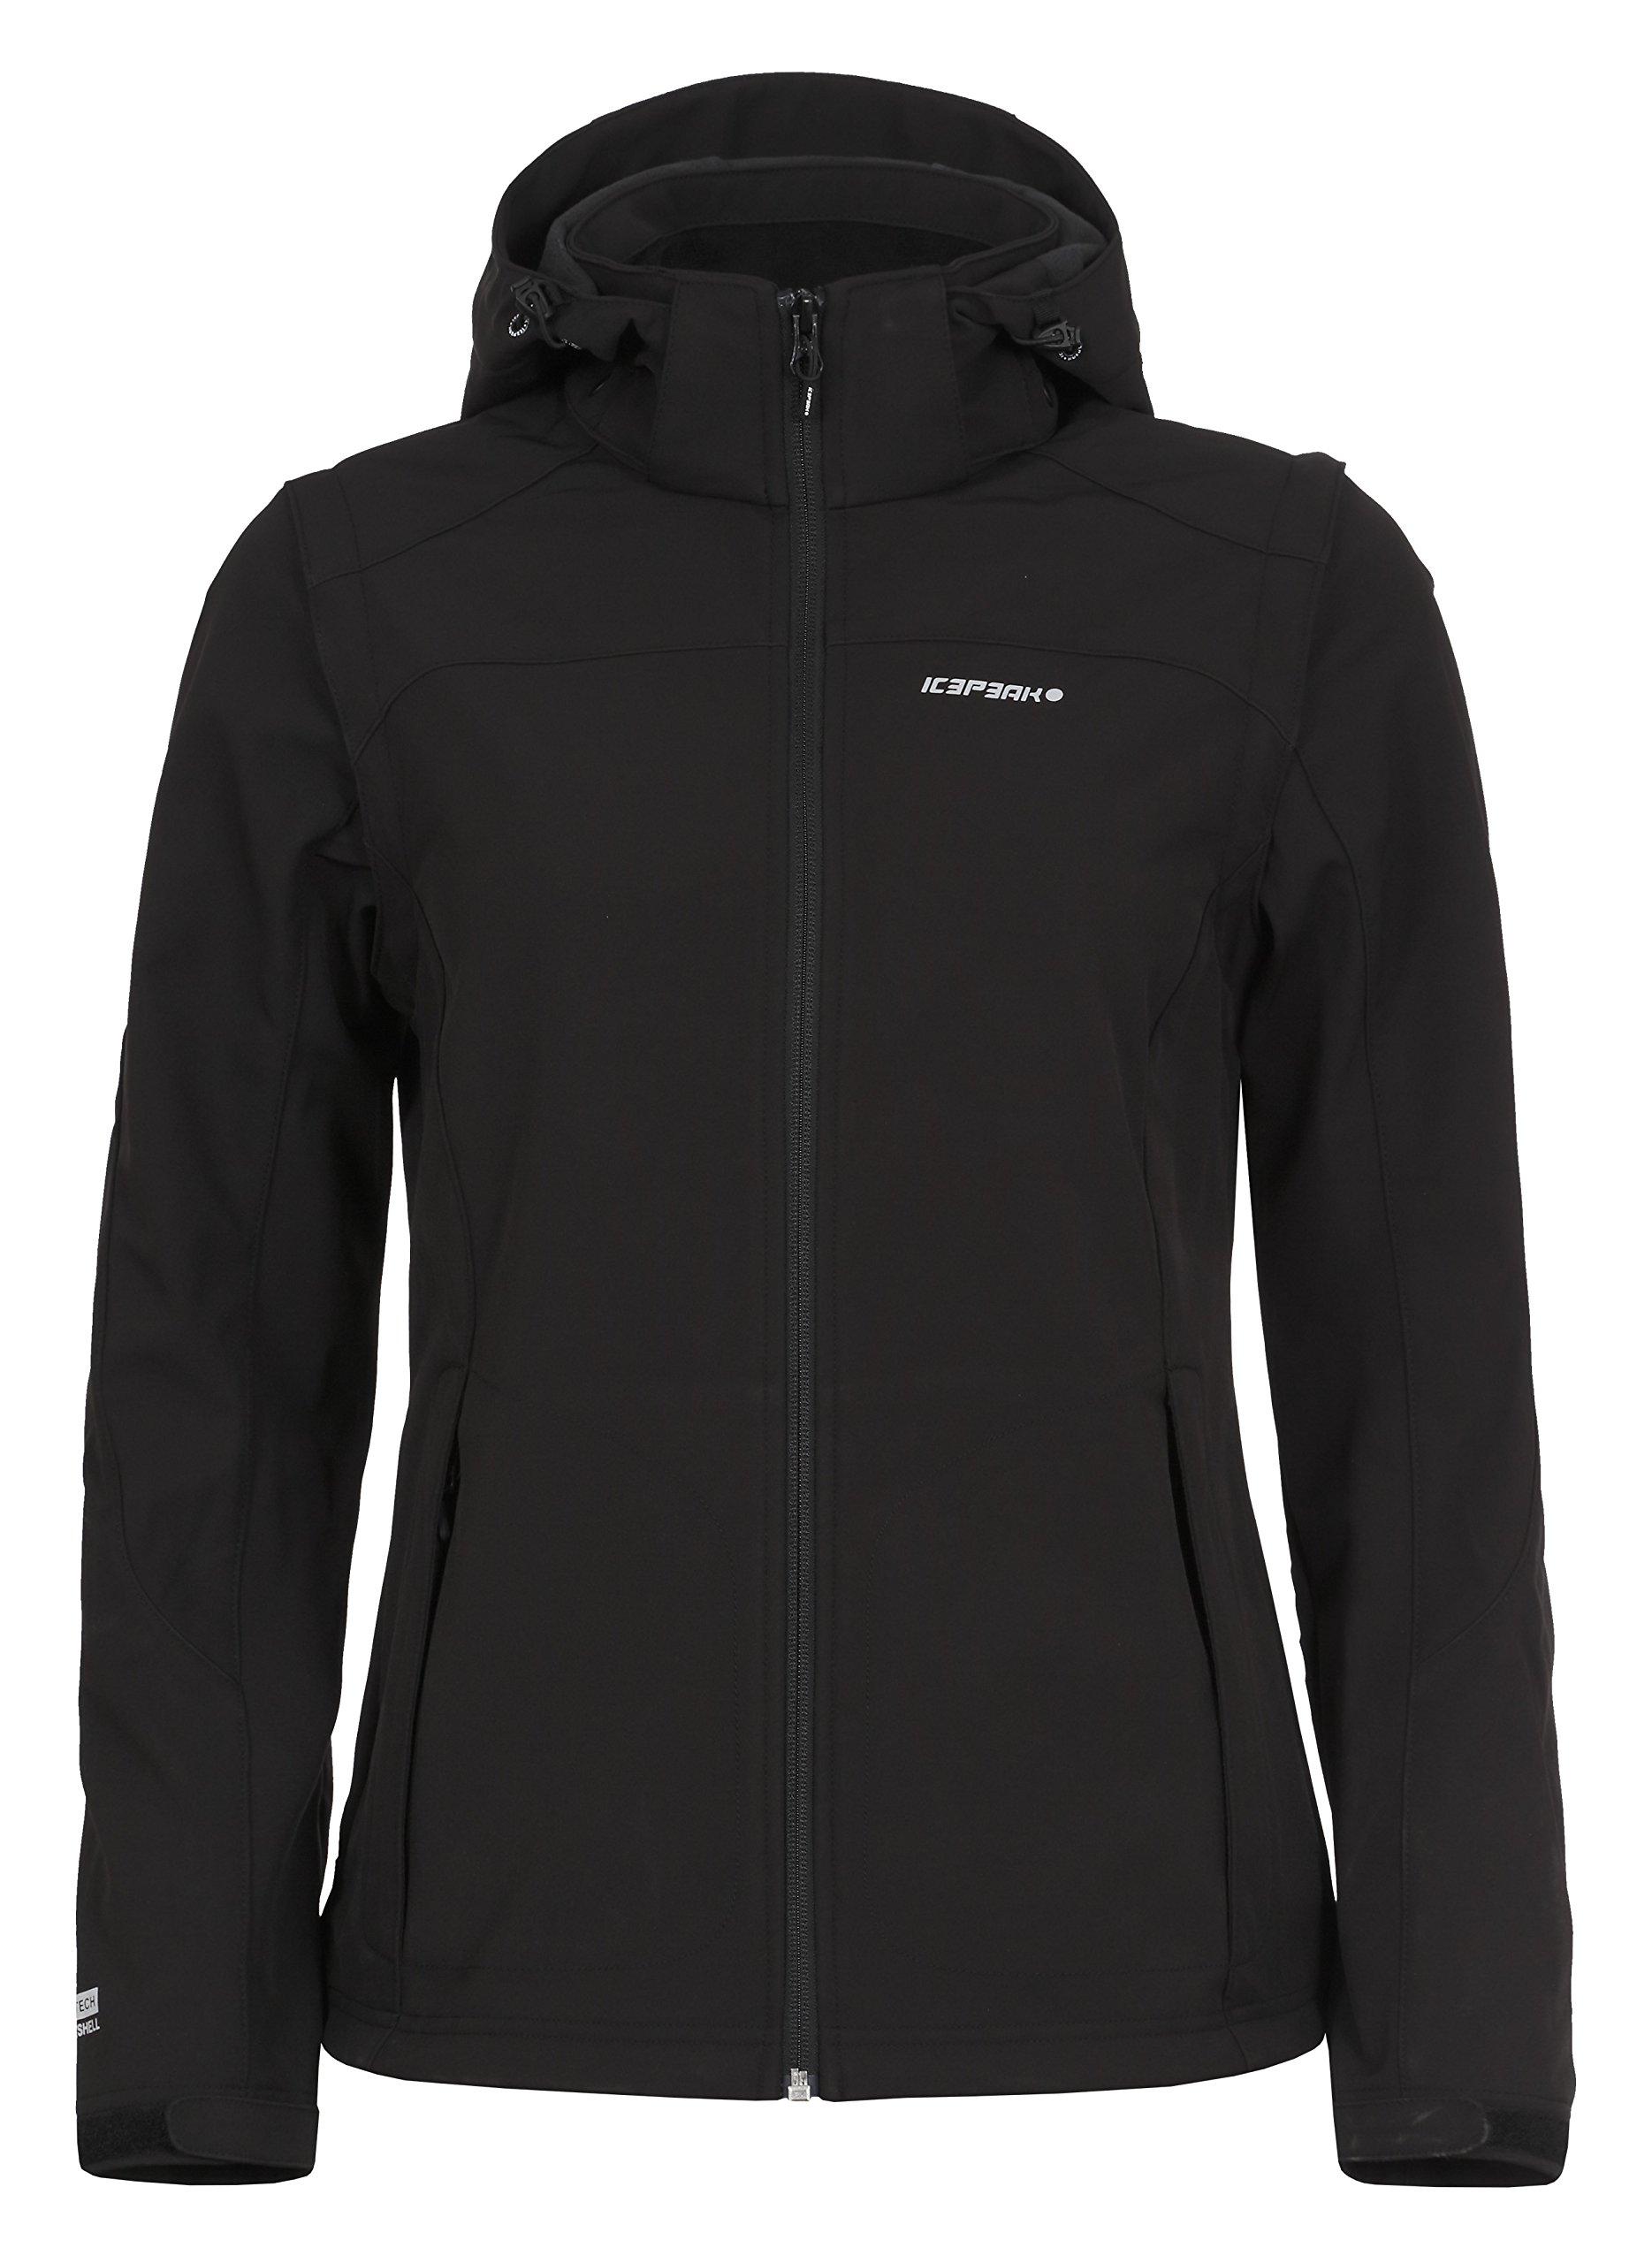 81hylywWbZL - ICEPEAK Leonie Women's Soft Shell Jacket,